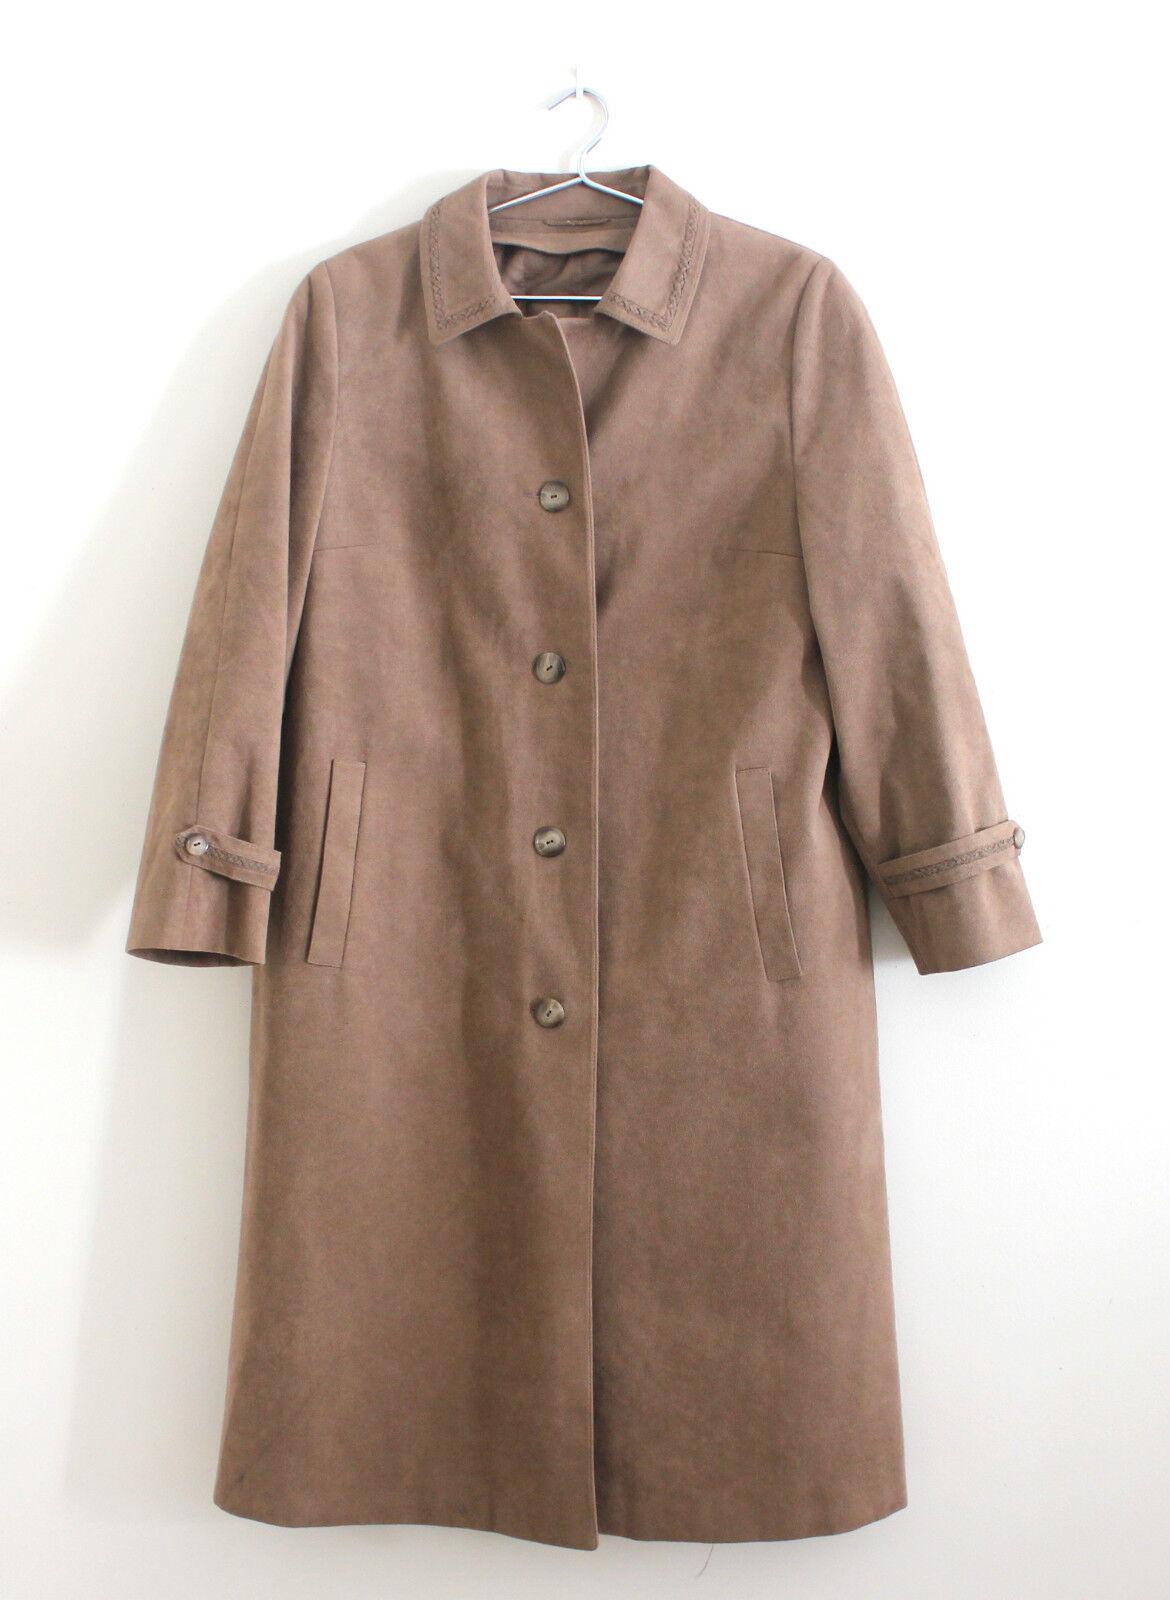 Ladies Alcantara Microsuede Coat Size 20 Worhrl Markenkleidung with Fall Spring